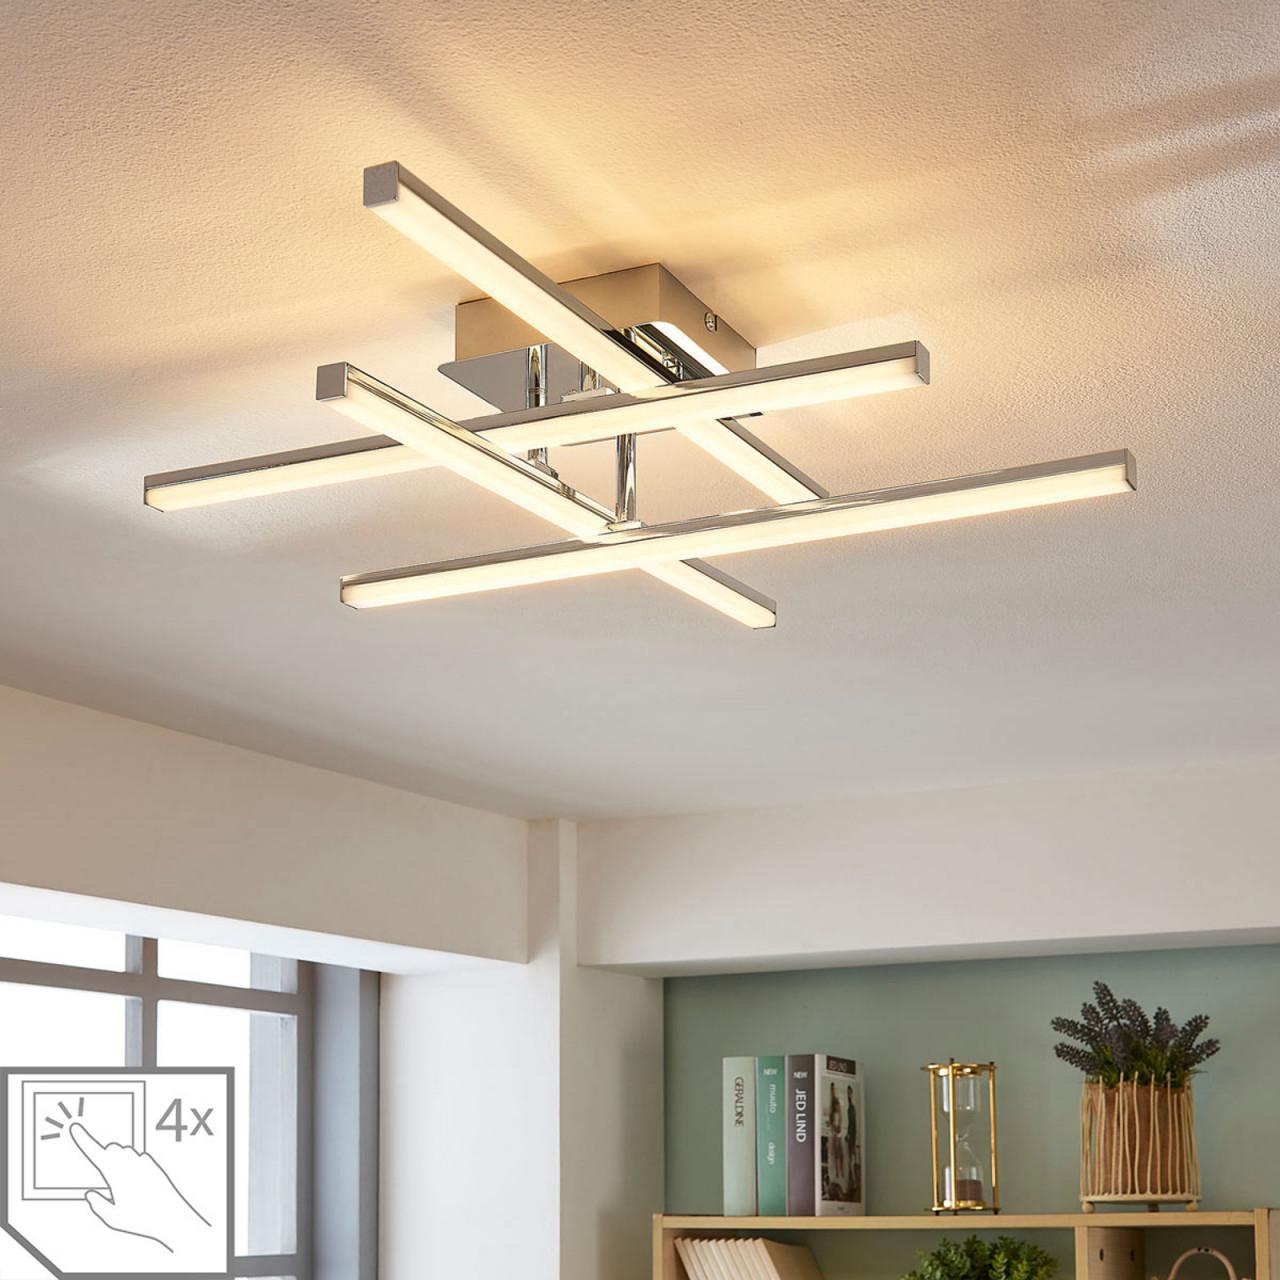 Möbel  Wohnaccessoires Küche Haushalt  Wohnen Für von Led Wohnzimmer Deckenlampe Photo